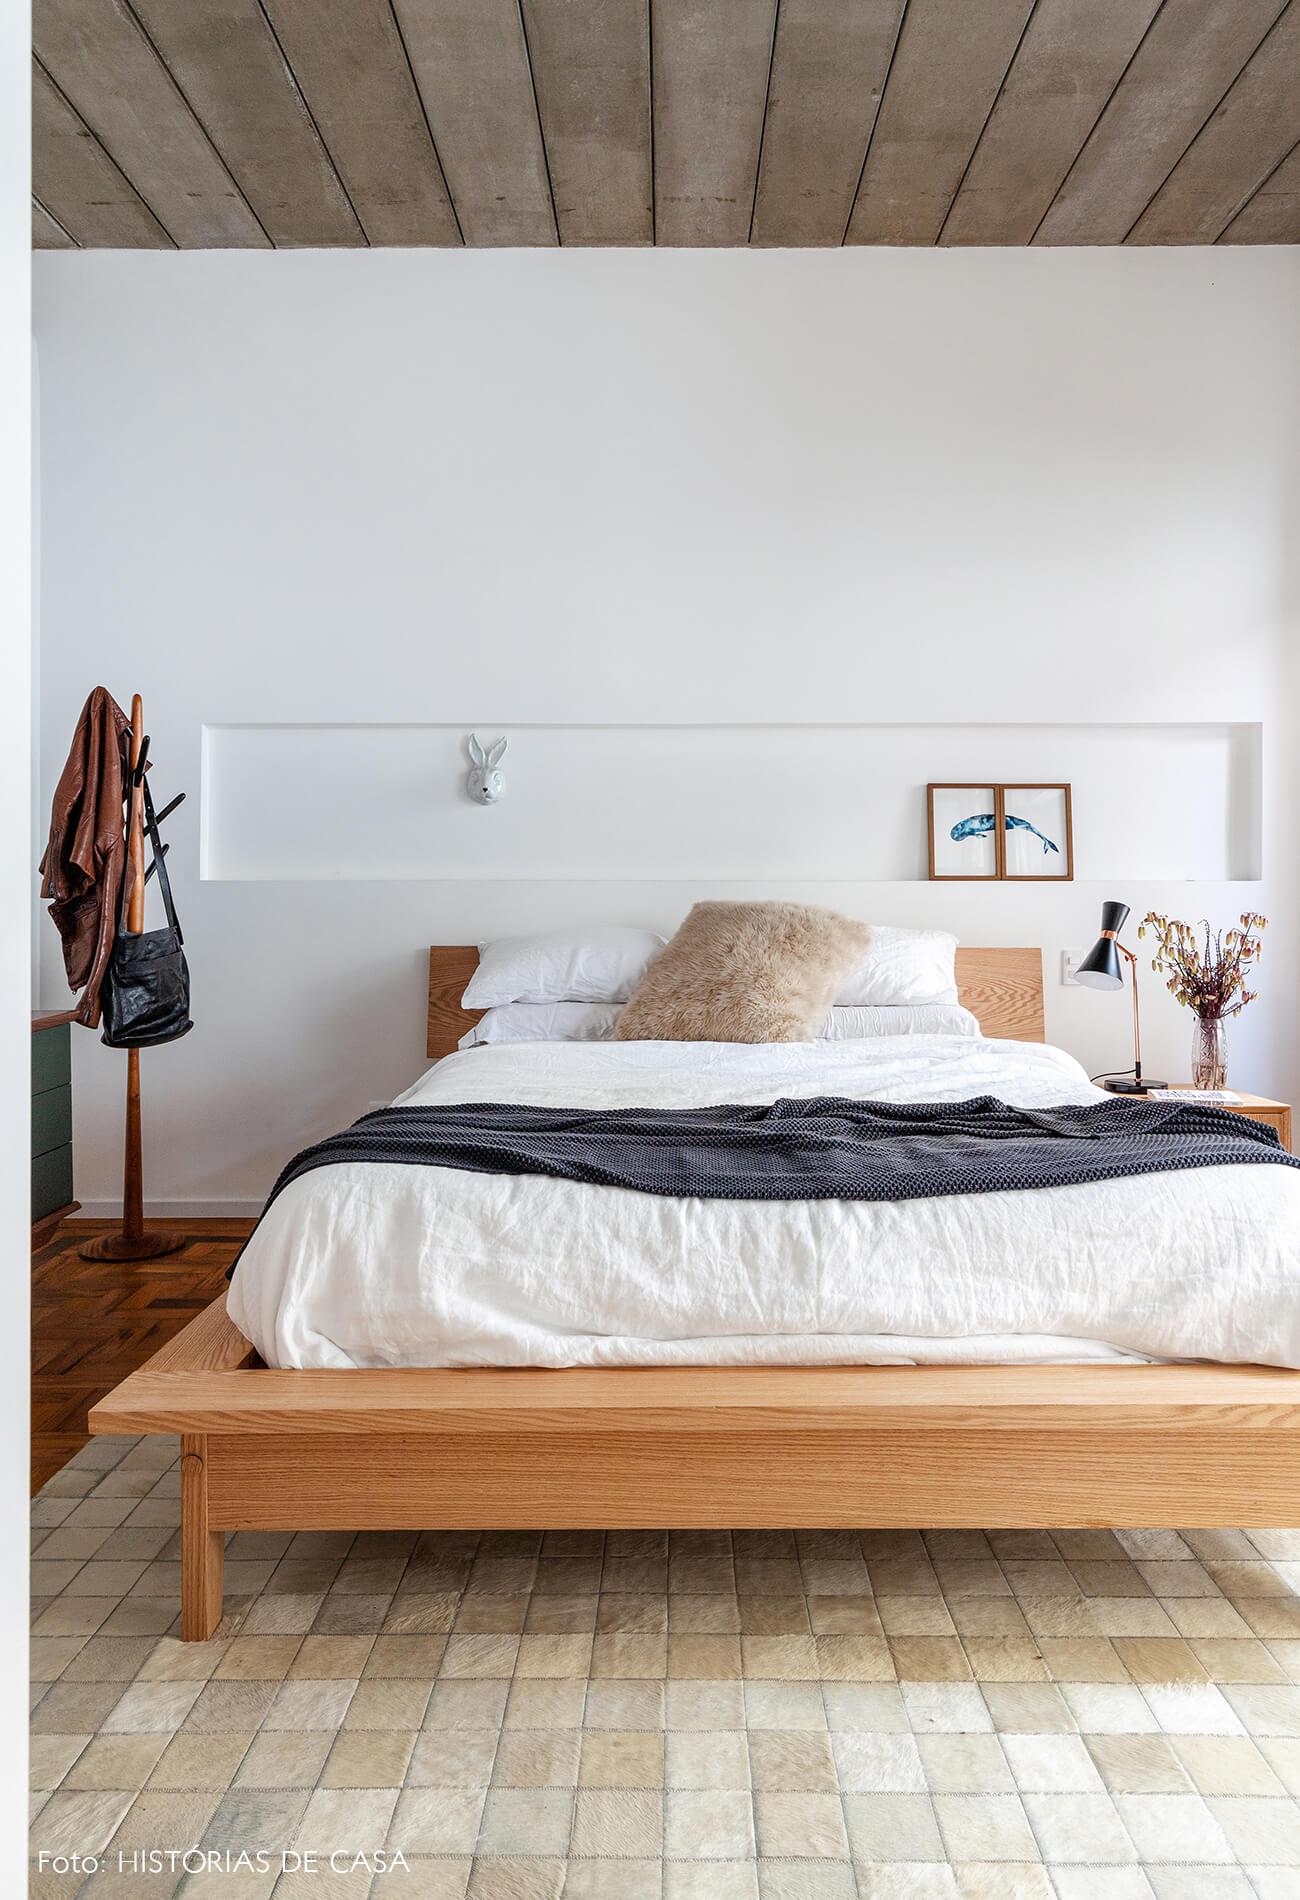 decoração quarto cama madeira clara